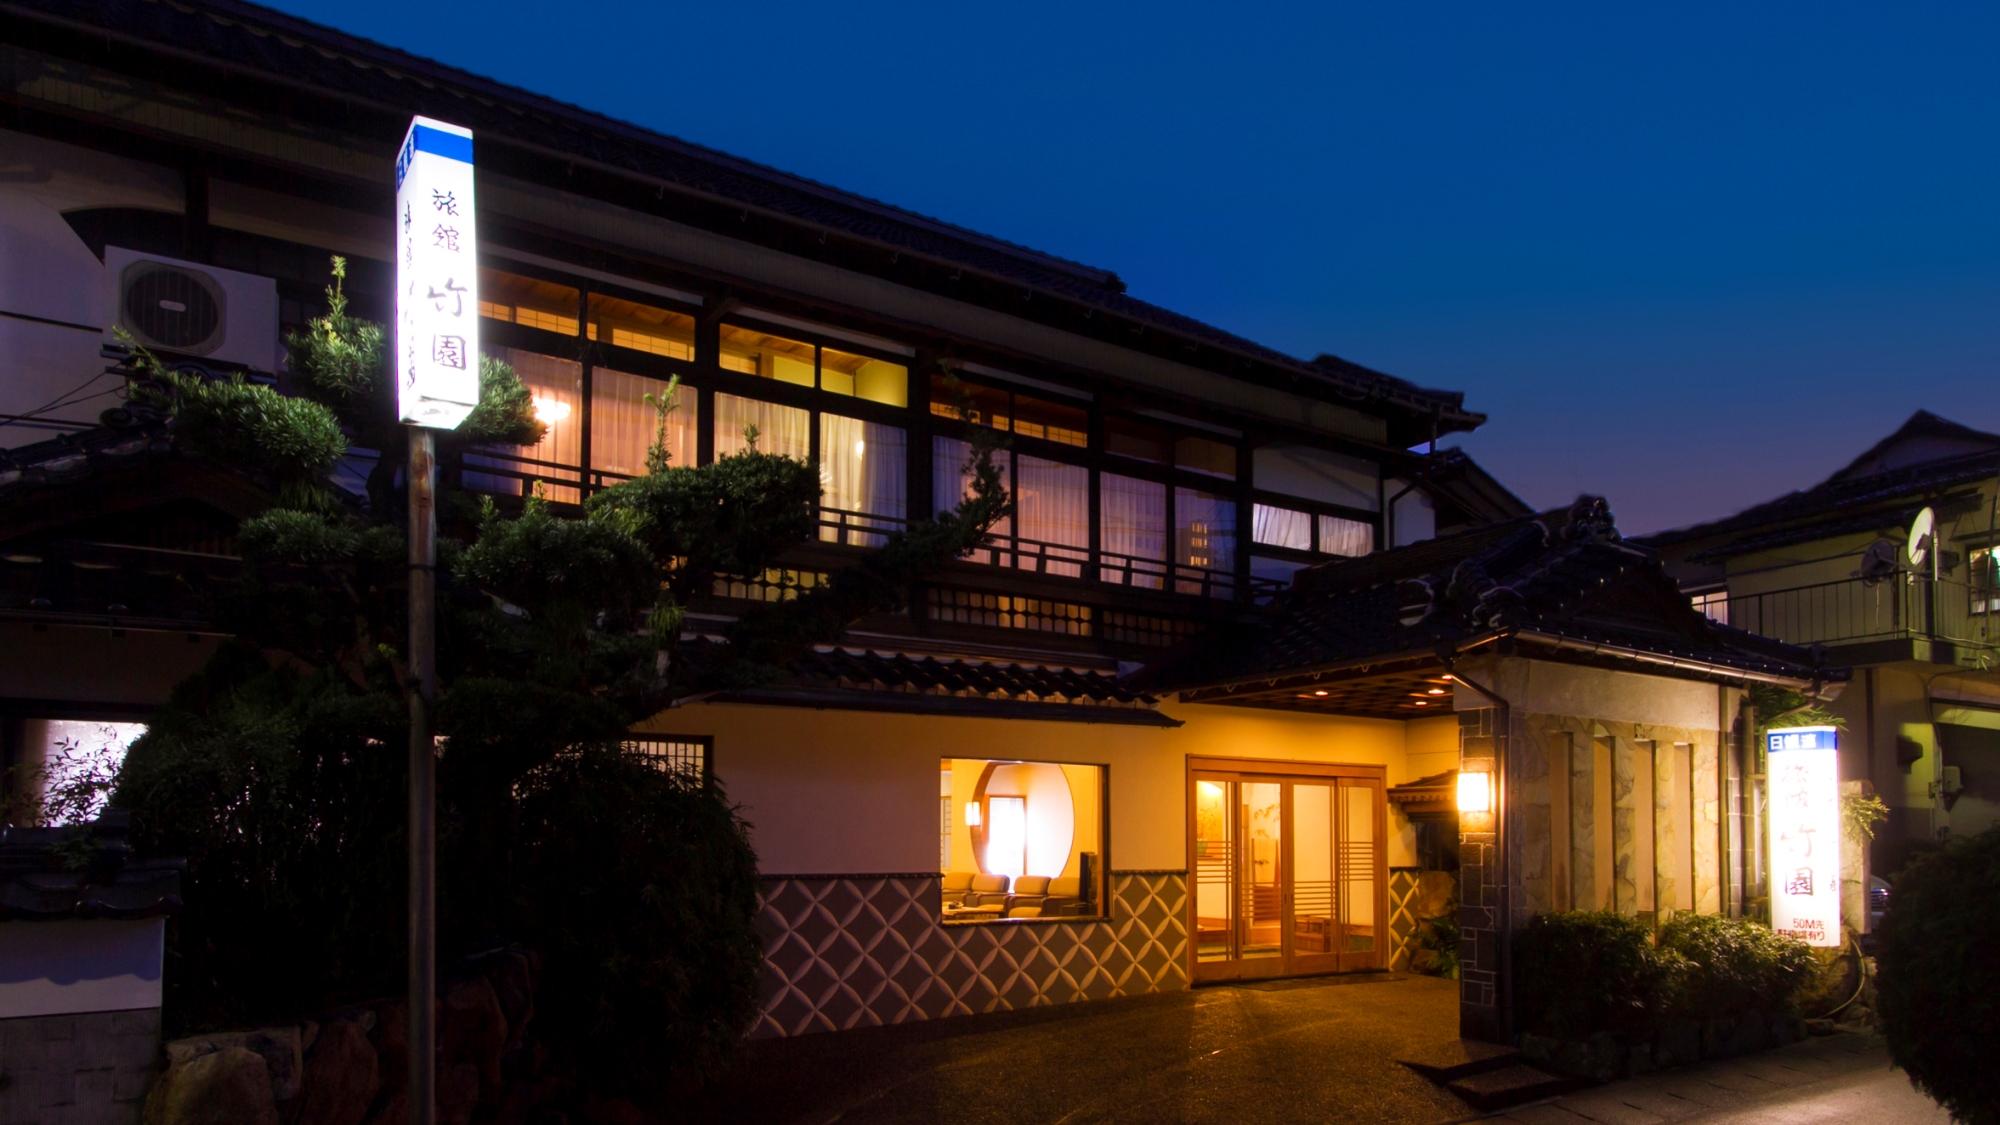 川棚温泉 竹園旅館~名物ふく料理と源泉掛け流しを満喫する宿~